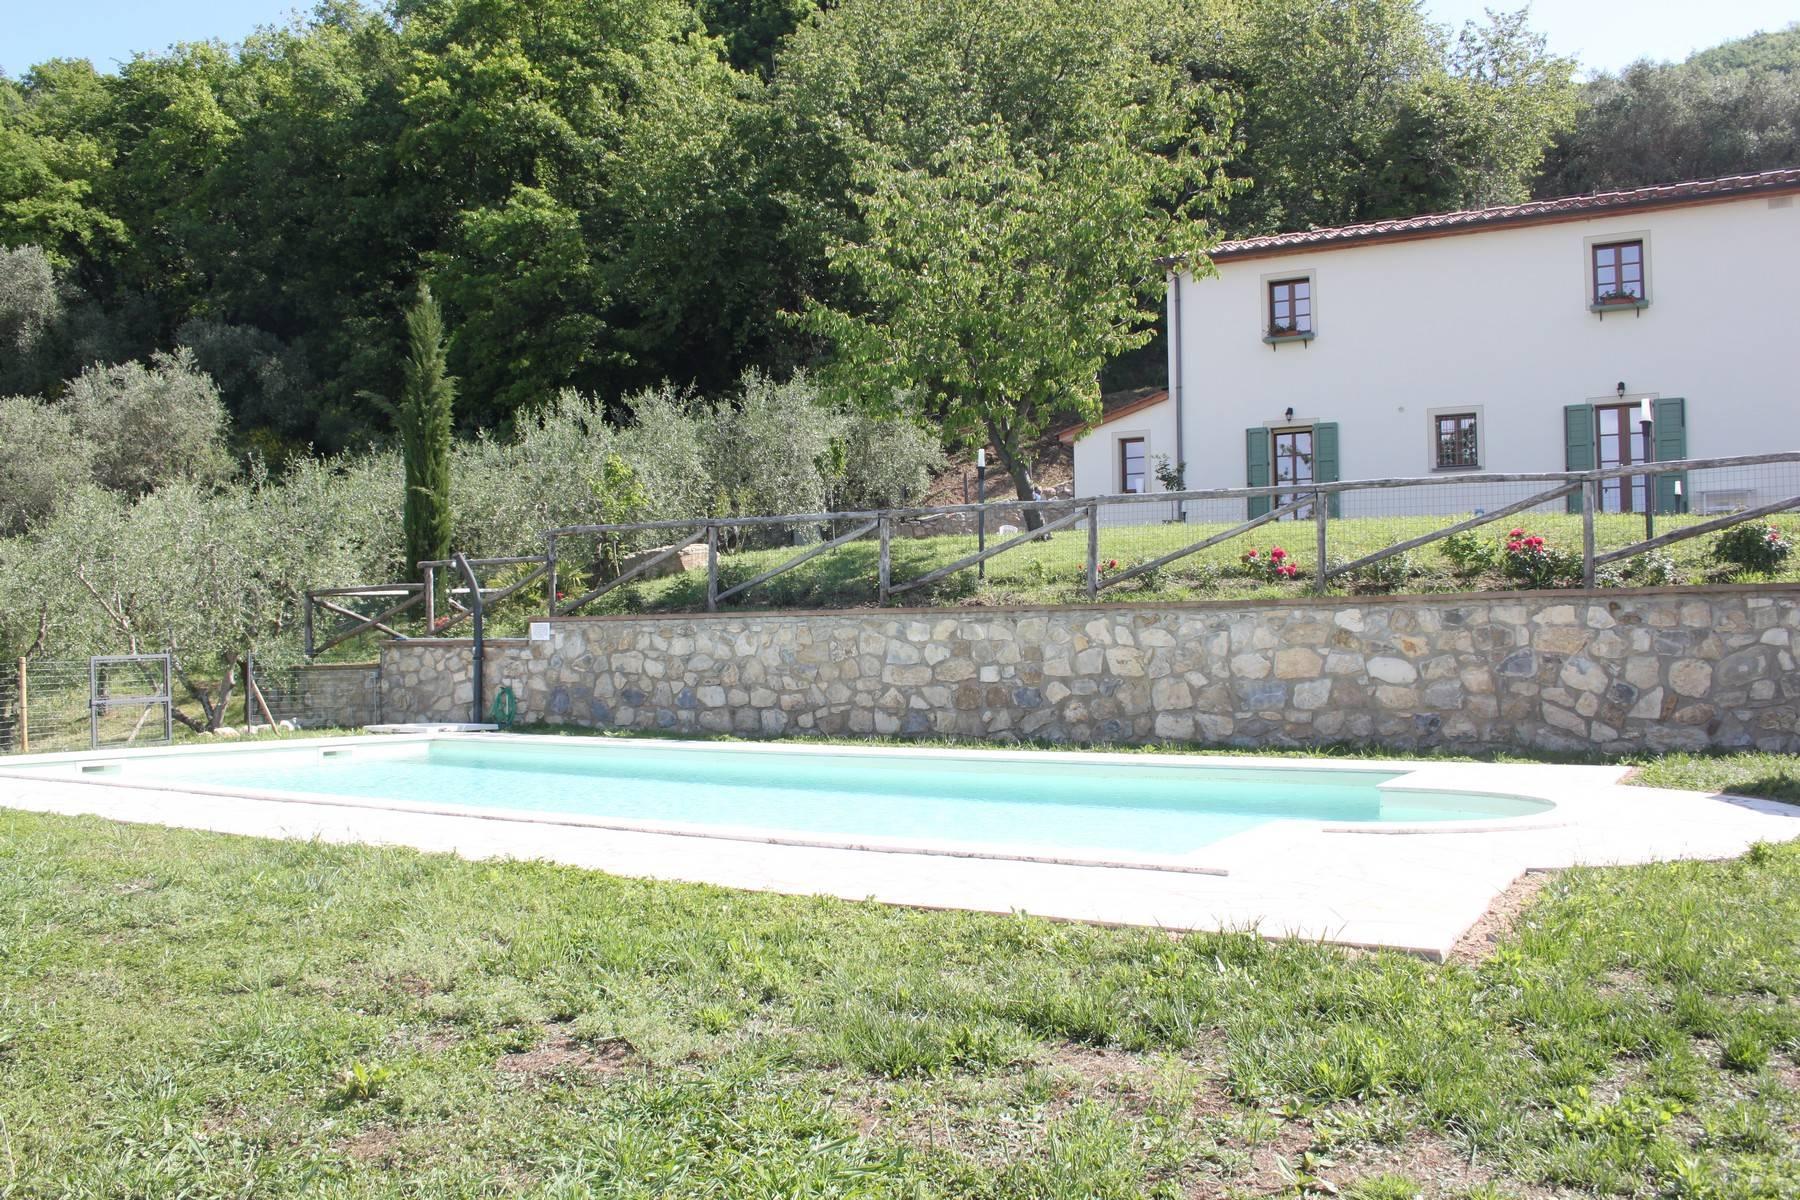 Bauernhaus mit Pool auf den Hügeln der Toskana - 26